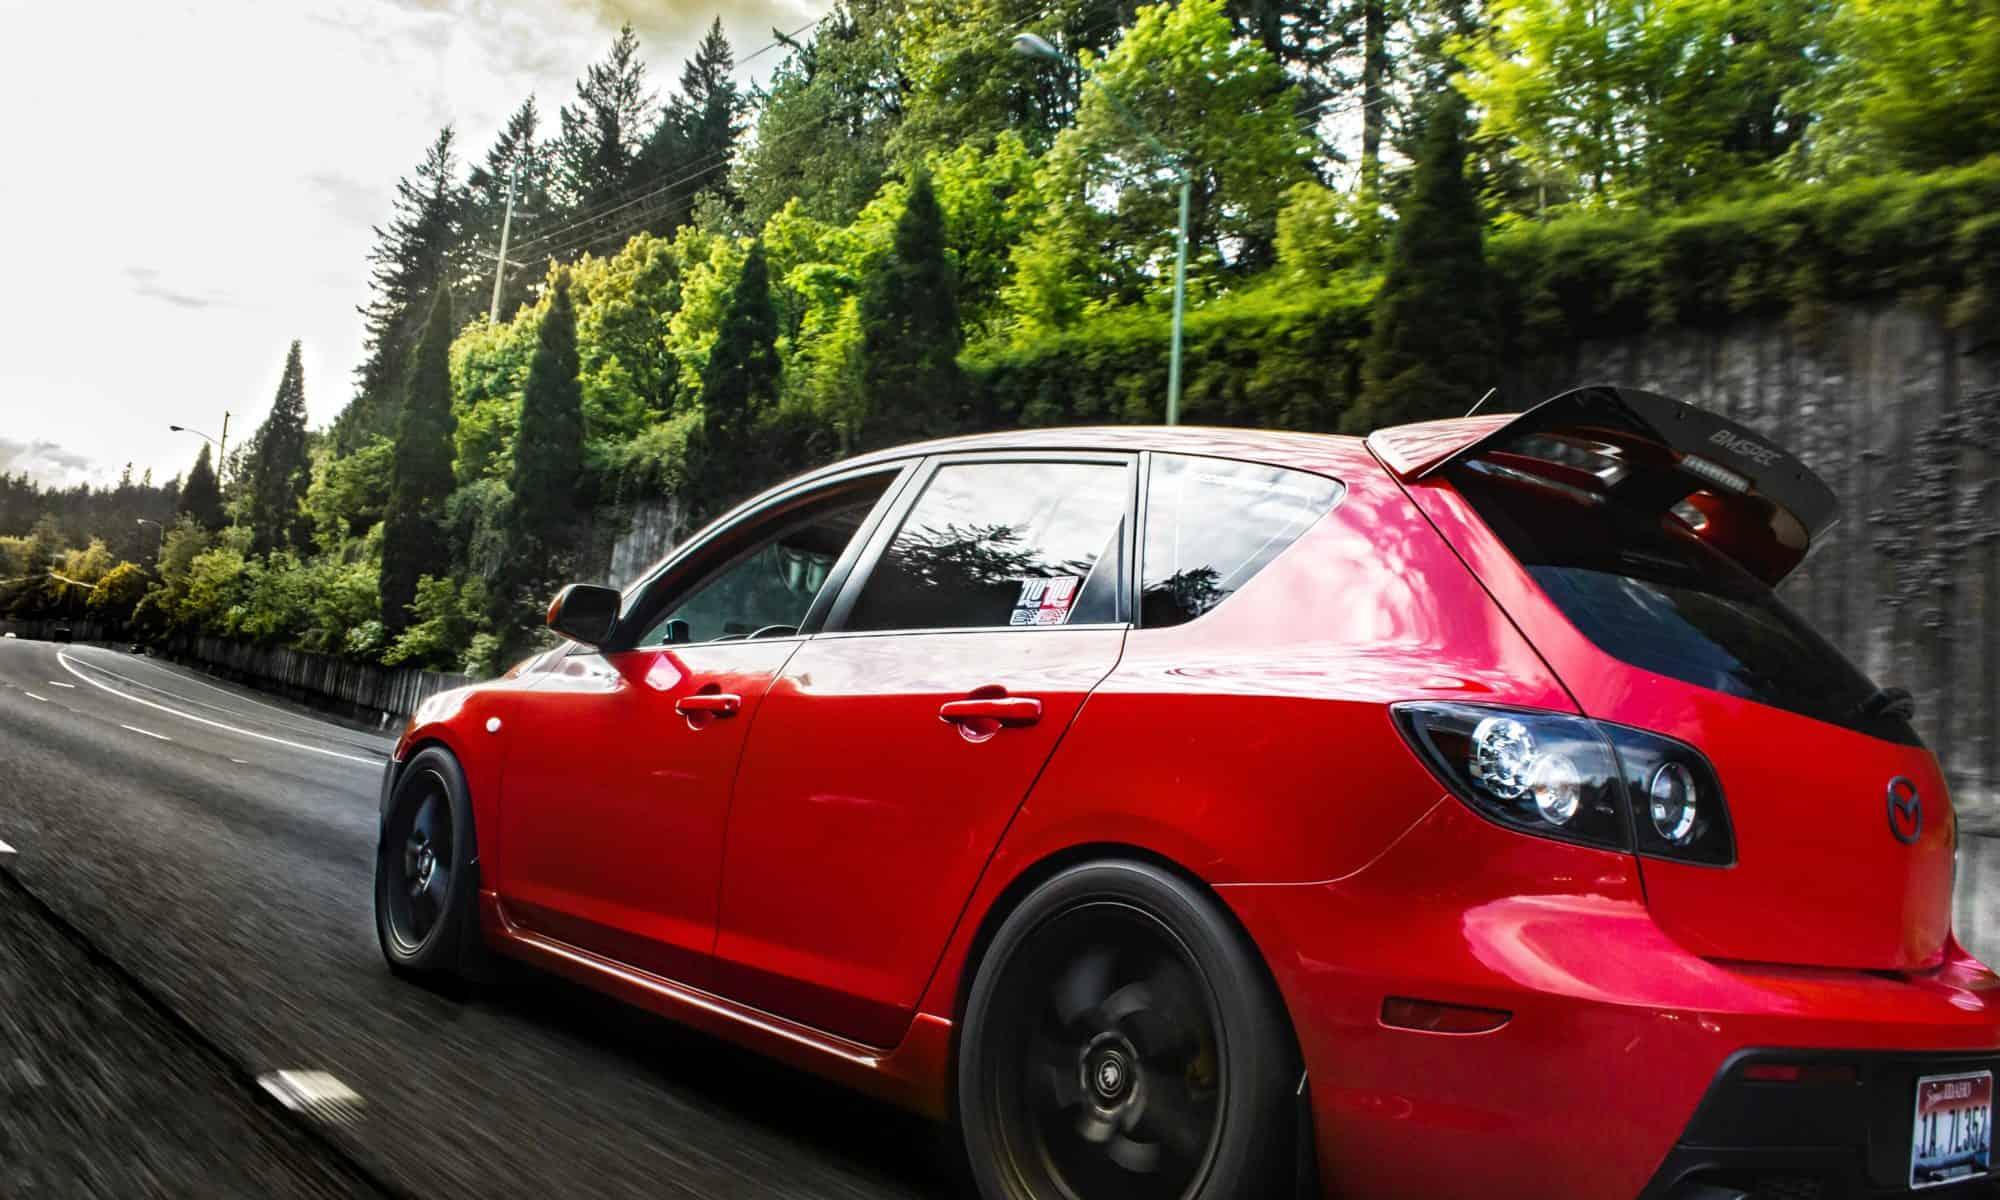 Luke s Build My Mazdaspeed 3 Journey